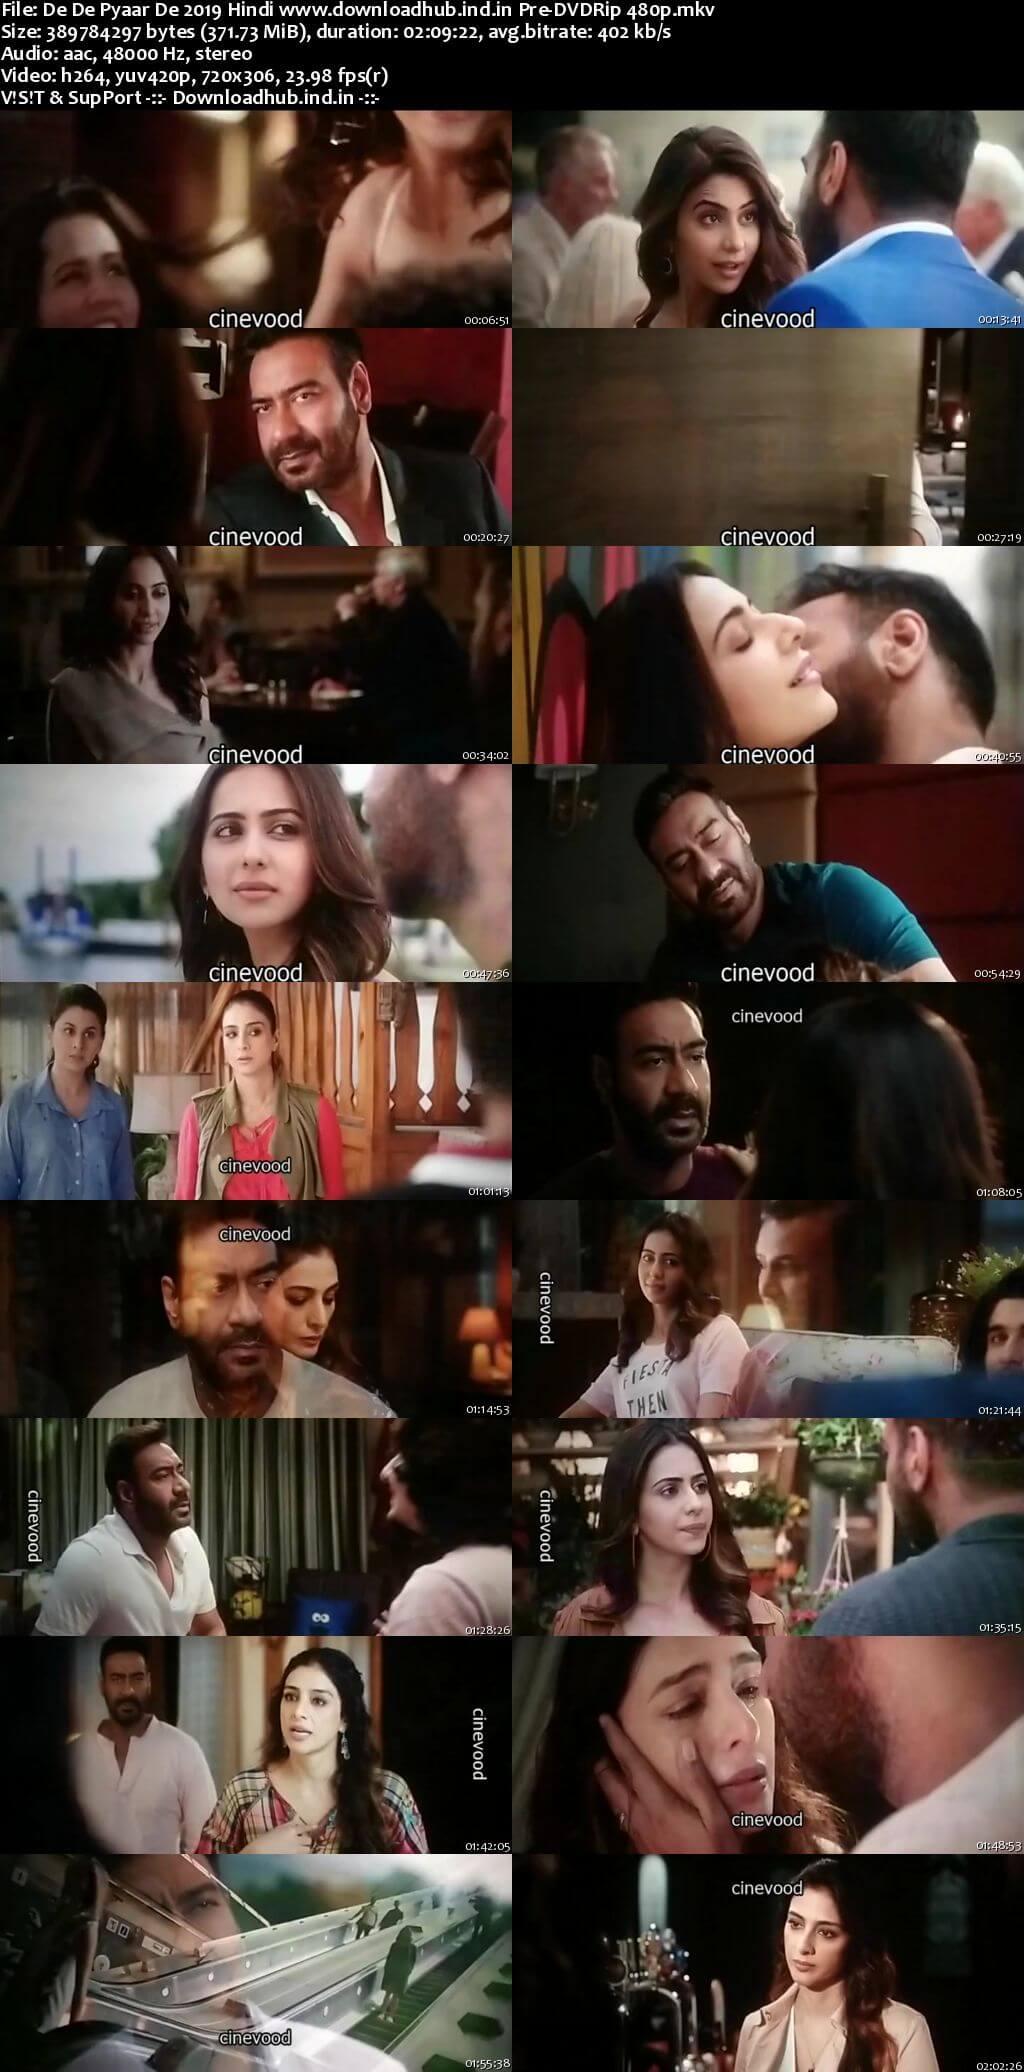 De De Pyaar De 2019 Hindi 350MB Pre-DVDRip 480p